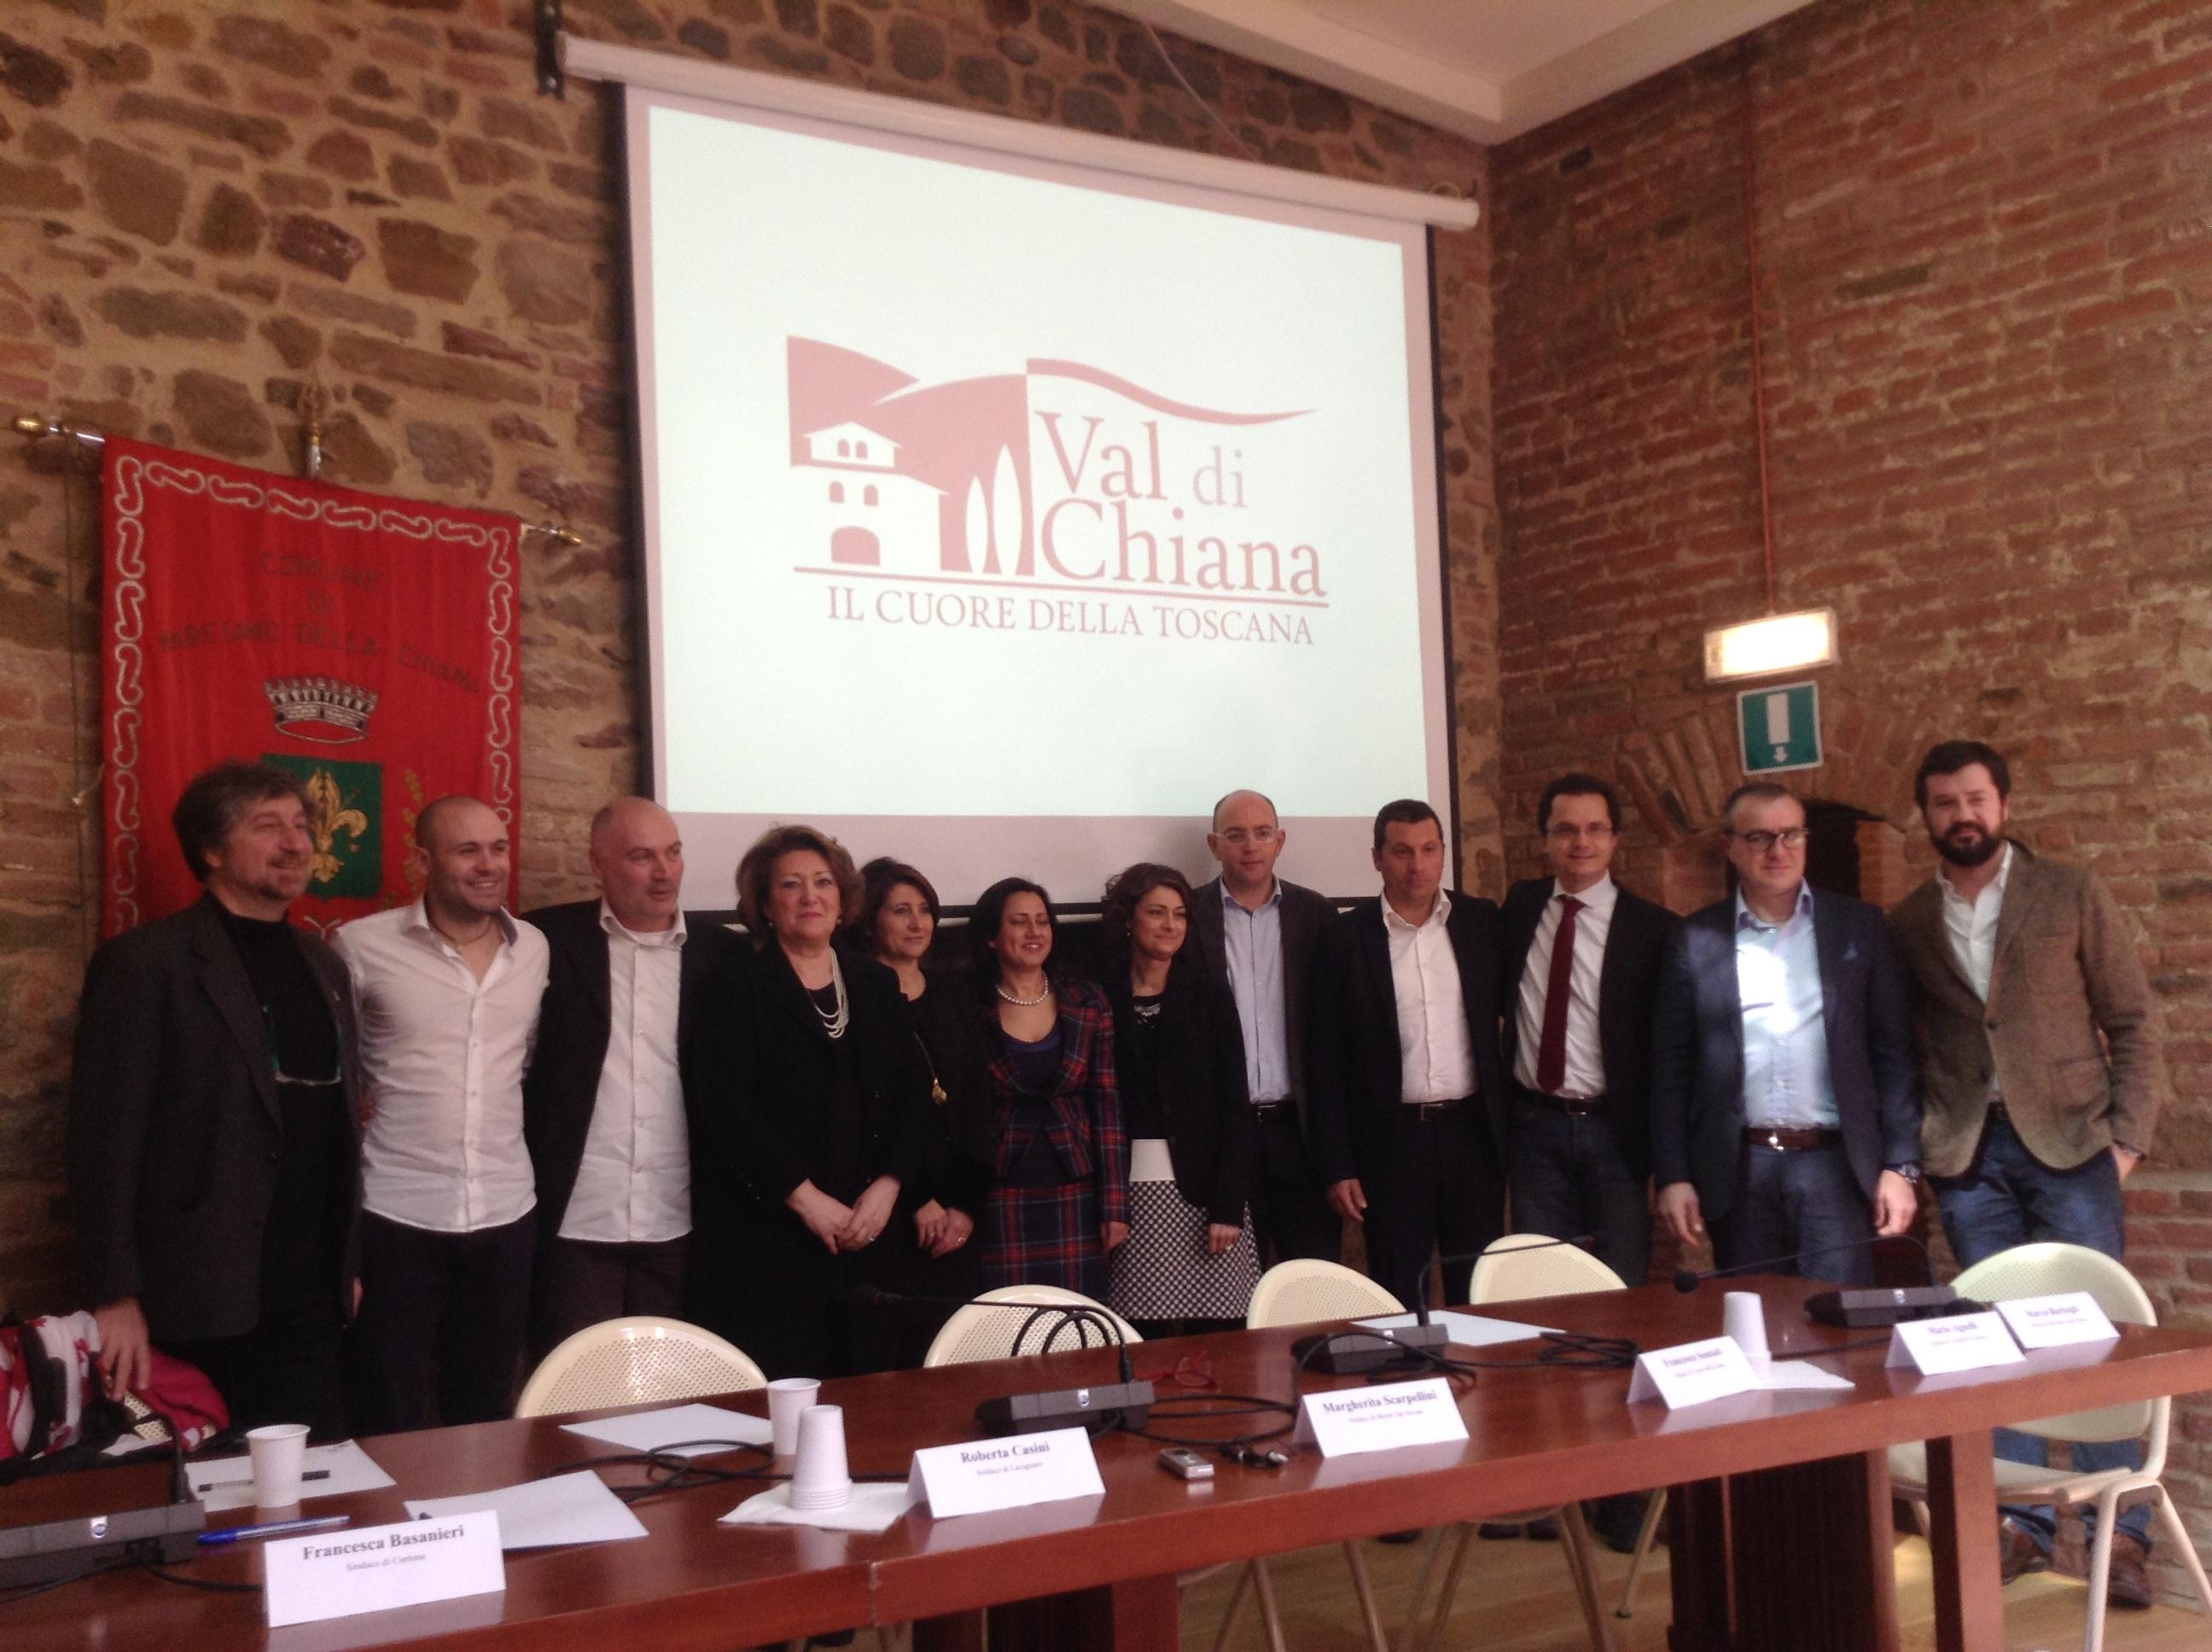 Valdichiana all'Expo: presentato il progetto e il logo dei Comuni